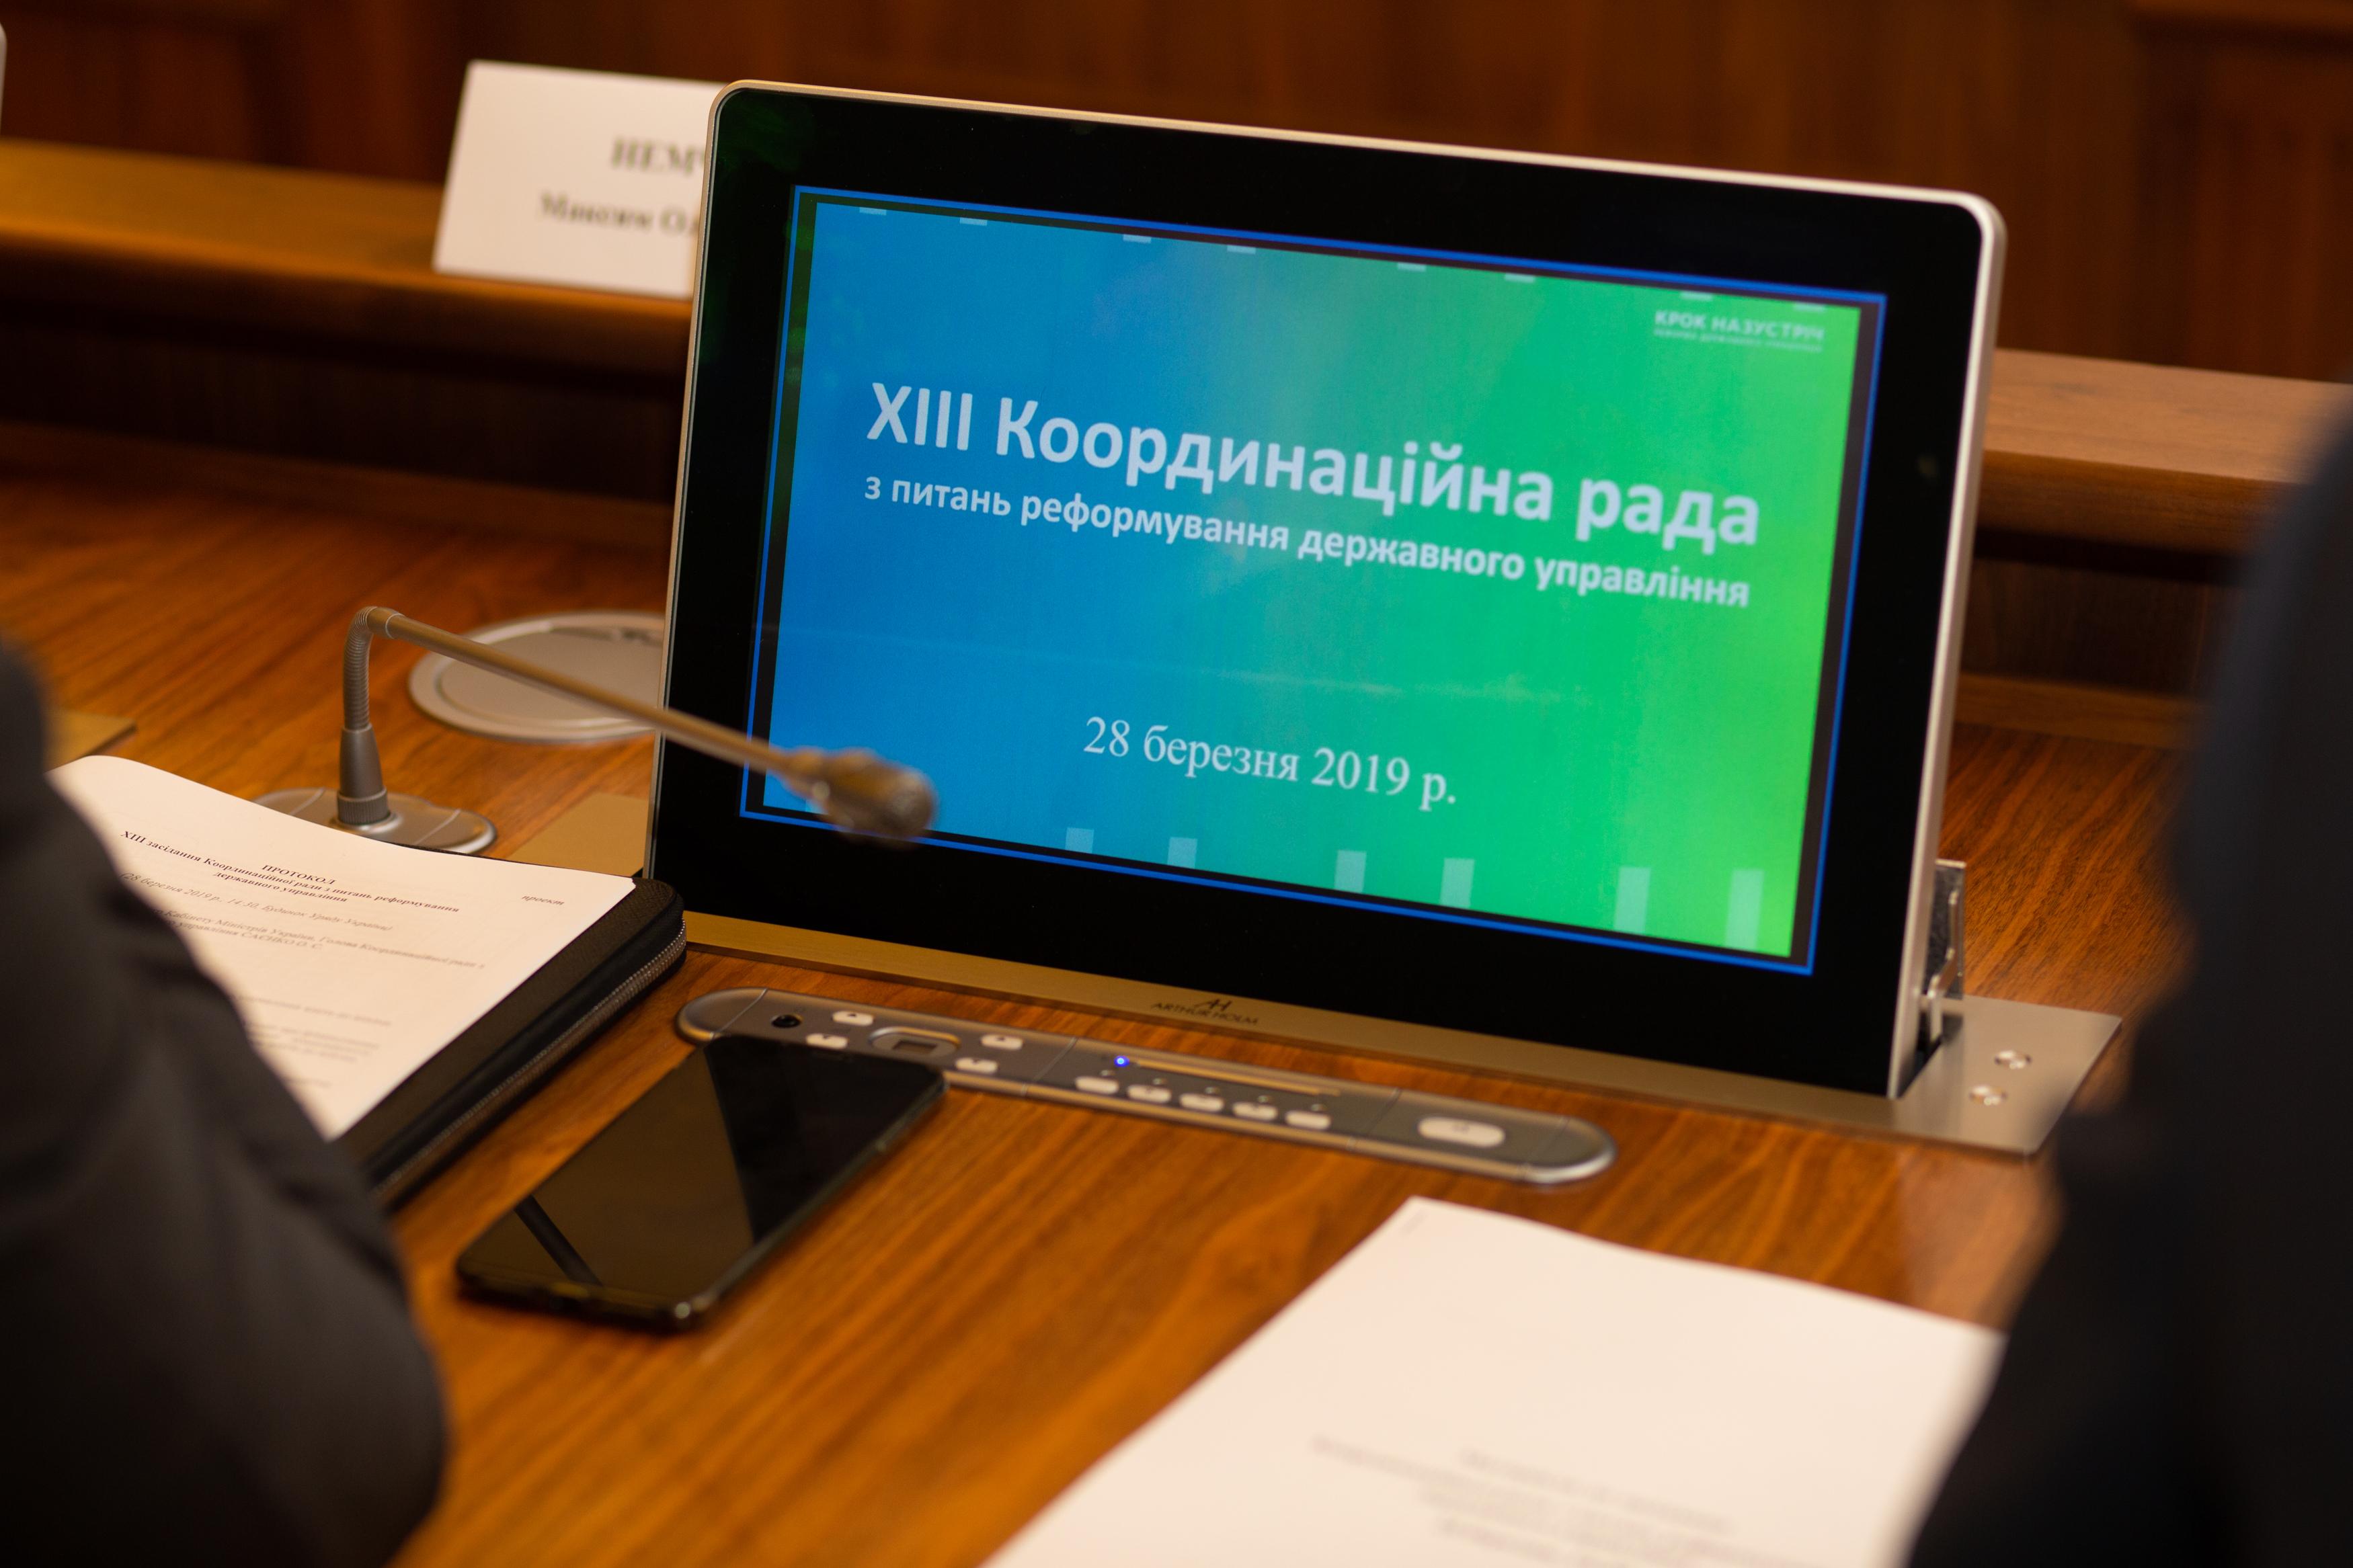 Близько 150 регіональних ЦНАП зможуть закупити додаткове обладнання для видачі документів, - Олександр Саєнко